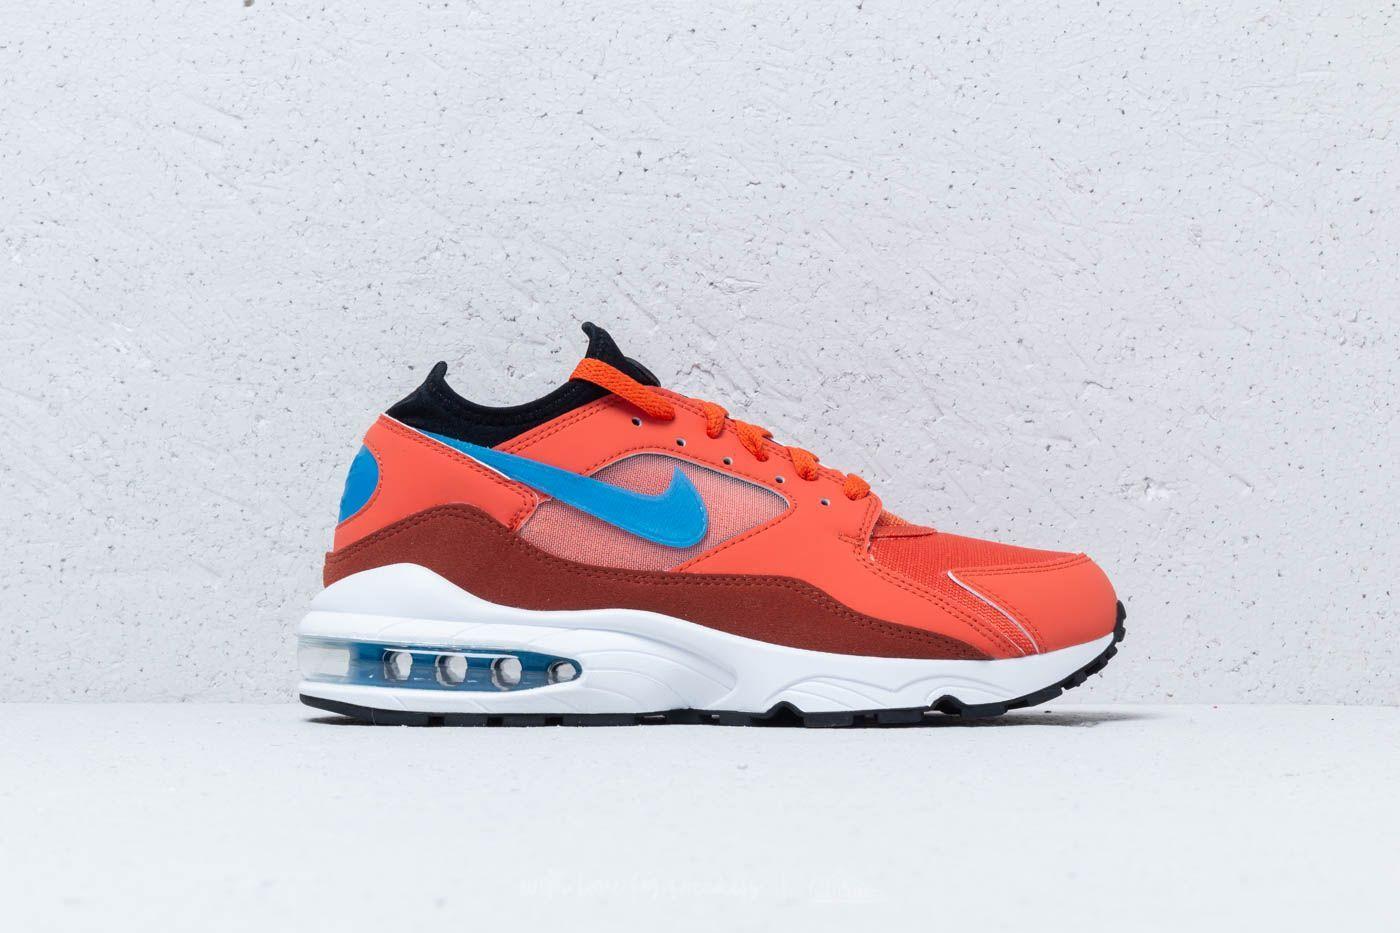 Hong Kong En general católico  Nike Air Max 93 | Vintage Coral/ Blue Nebula | $179 | | Nike air max, Coral  blue, Air max 93